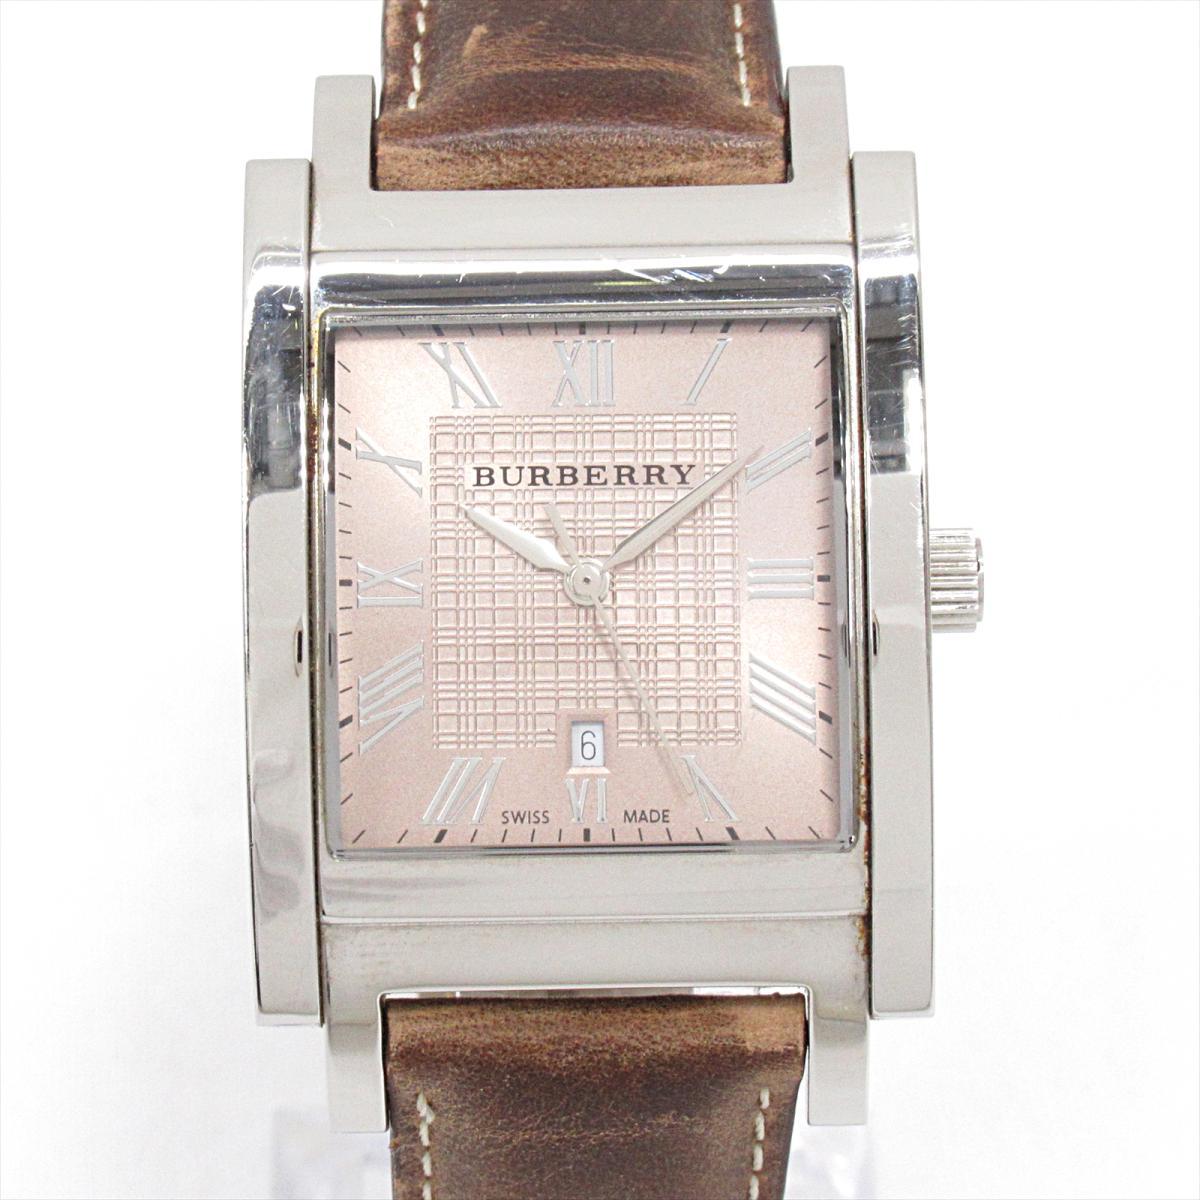 ≪期間限定≫メルマガ登録でクーポンGET! 【中古】 バーバリー ヘリテージ 腕時計 ウォッチ メンズ ステンレススチール (SS) レザーベルト (BU1553) | BURBERRY BRANDOFF ブランドオフ ブランド ブランド時計 ブランド腕時計 時計